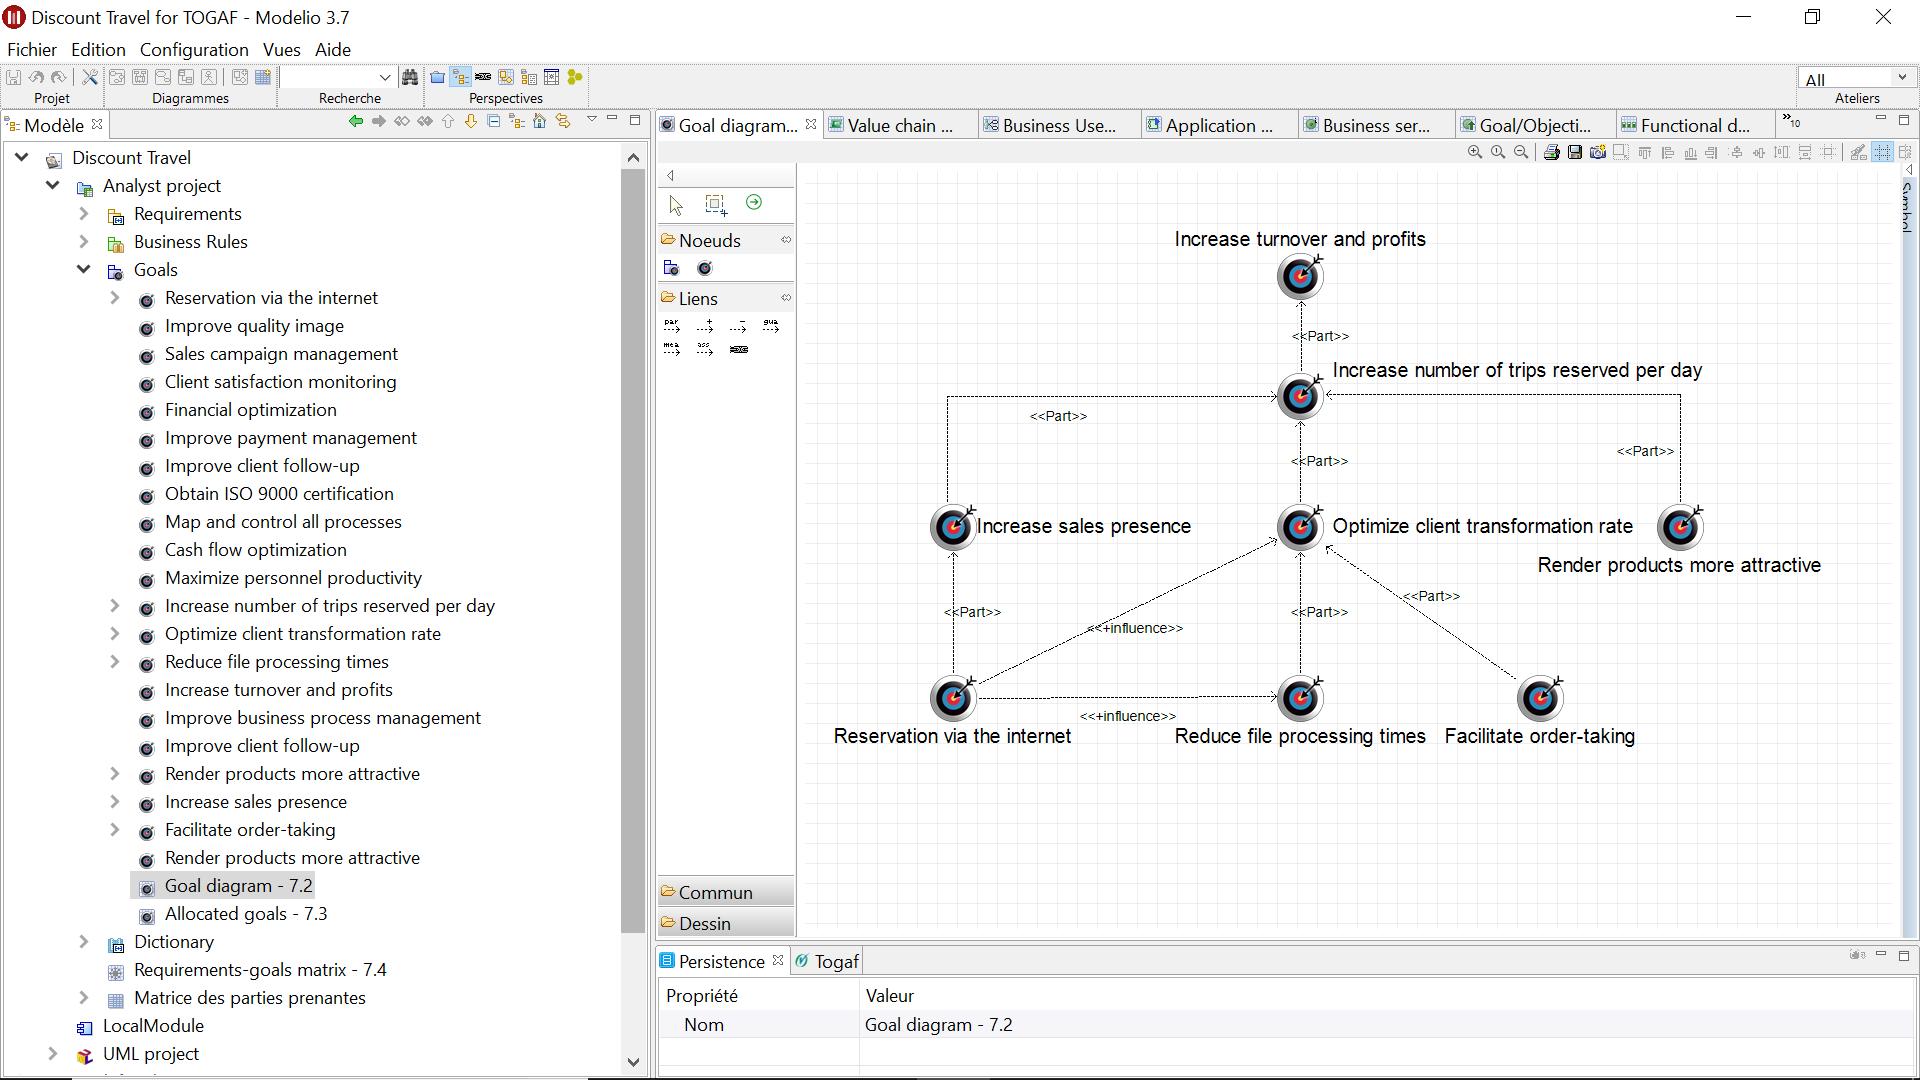 tutorial-exemple-d-etude-de-cas-togaf-diagramme-d-objectifs-1.PNG